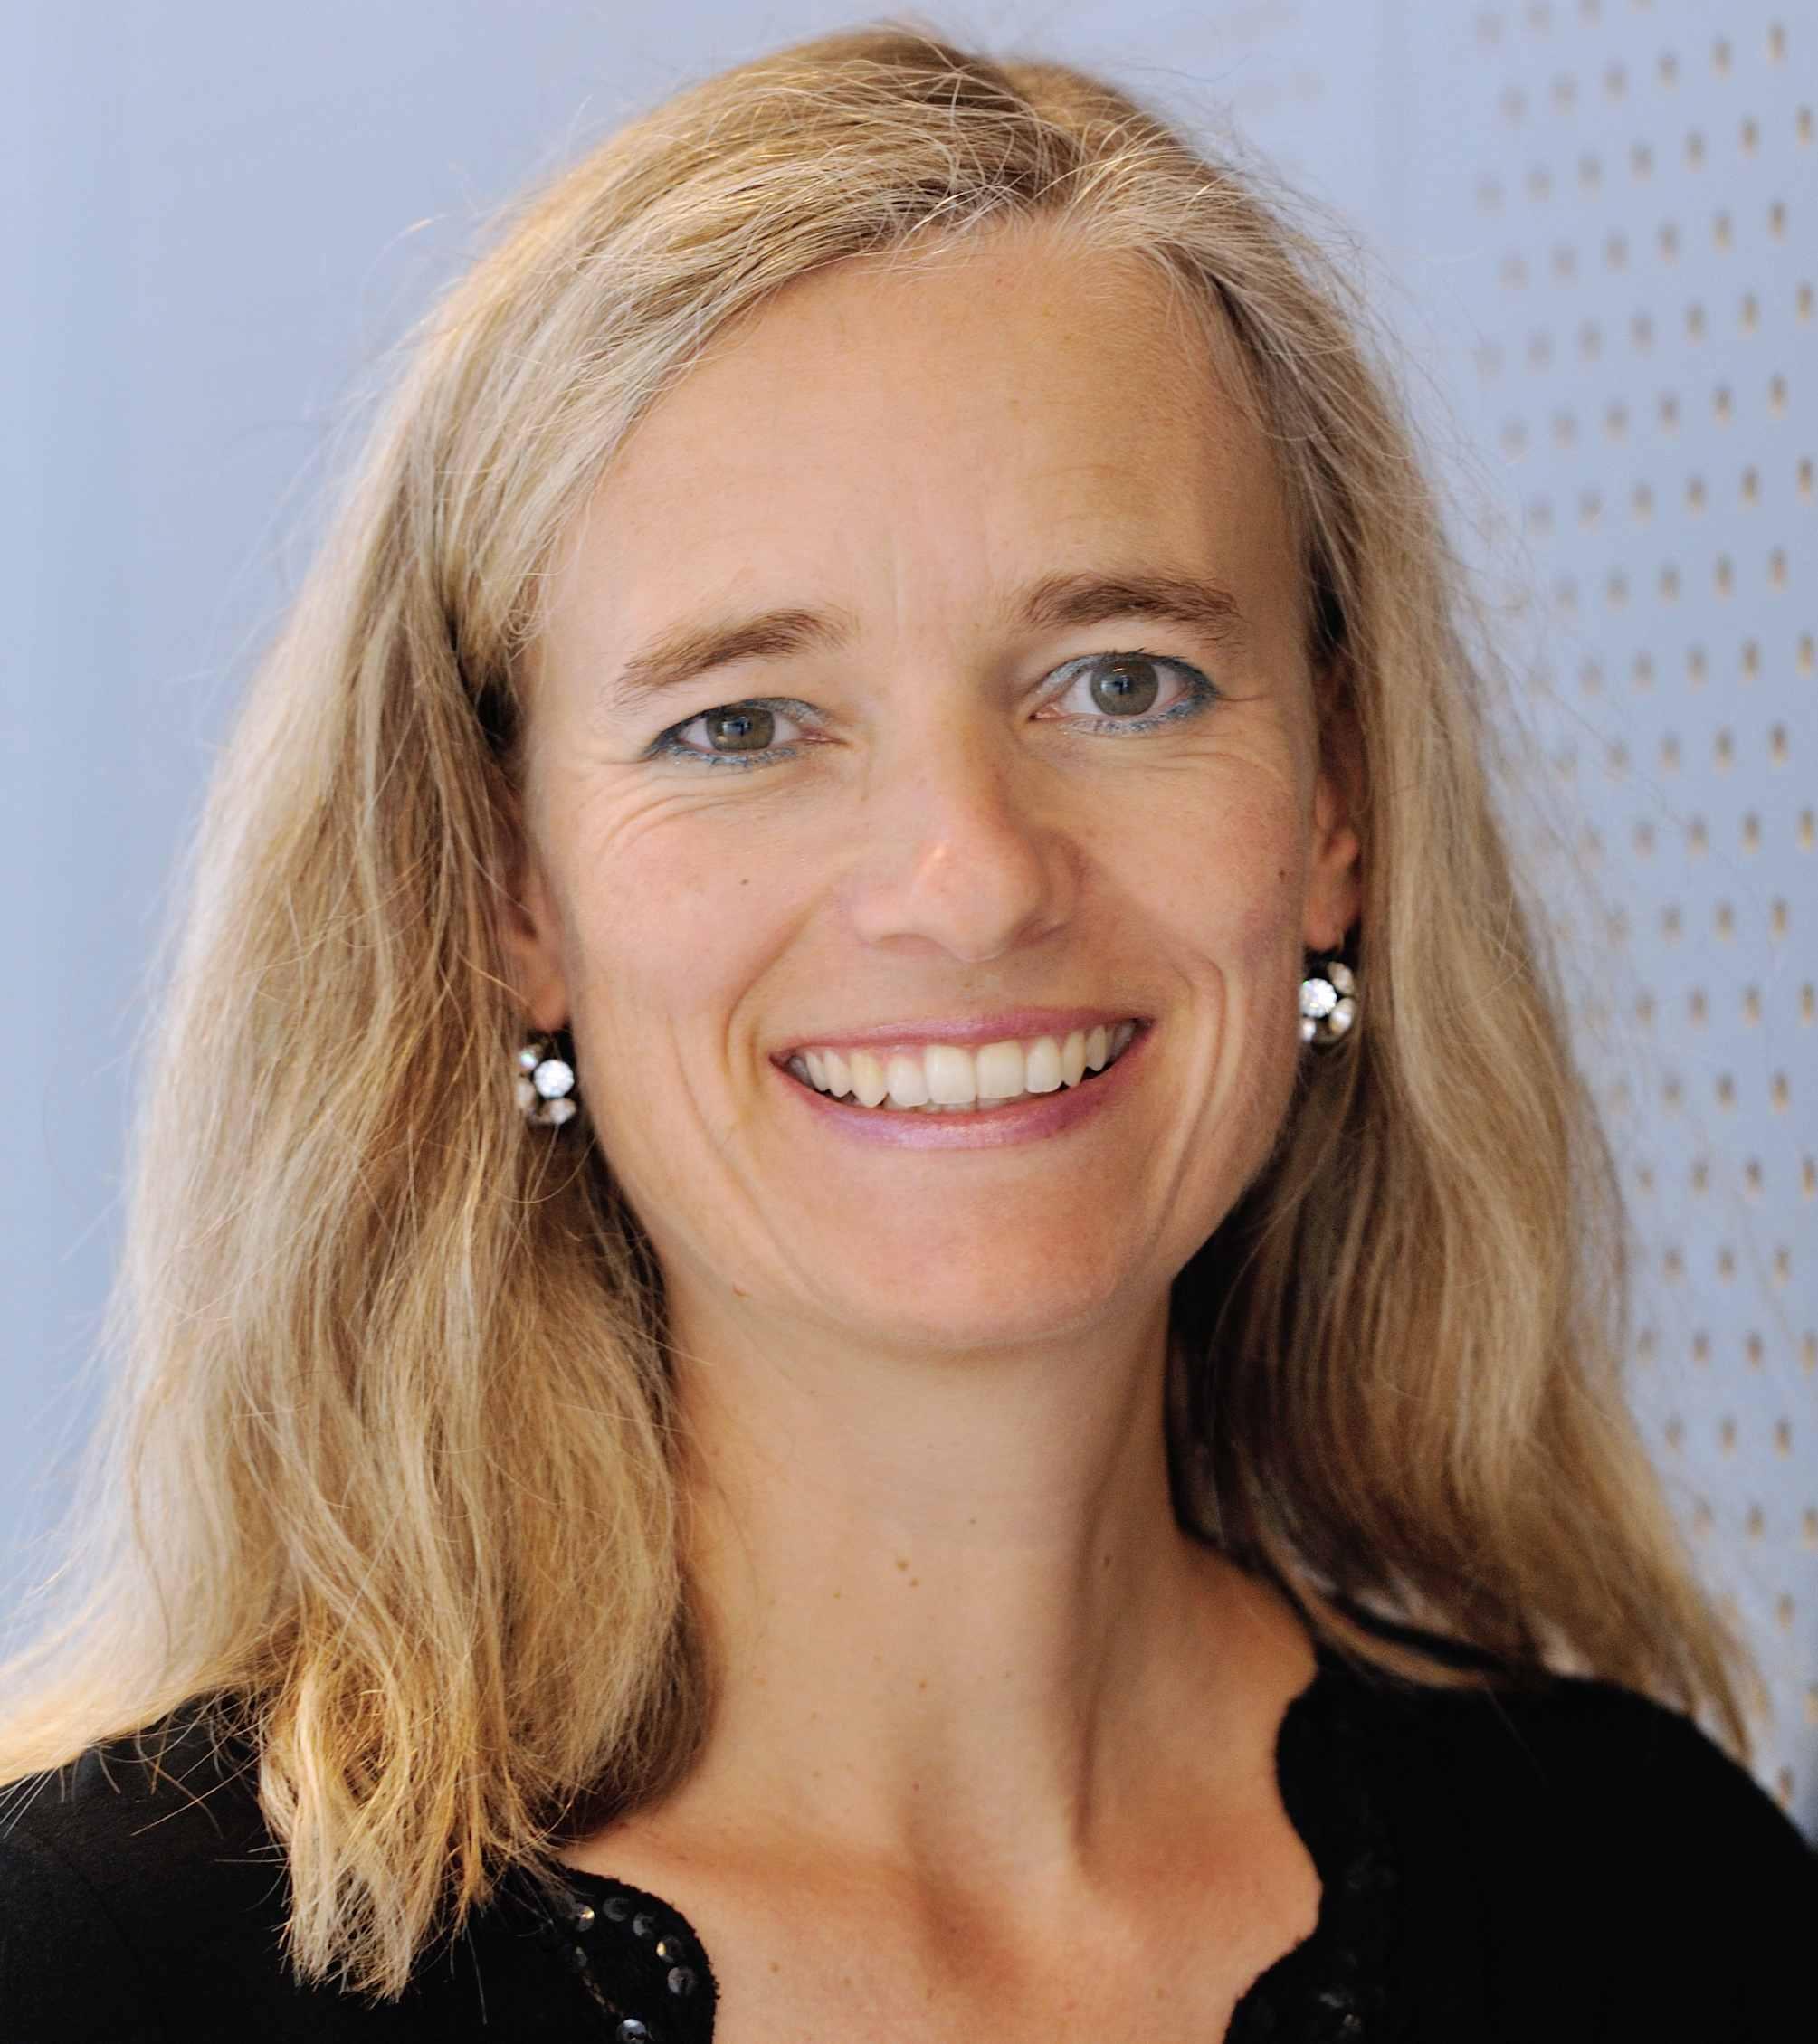 Adina Scheyhing